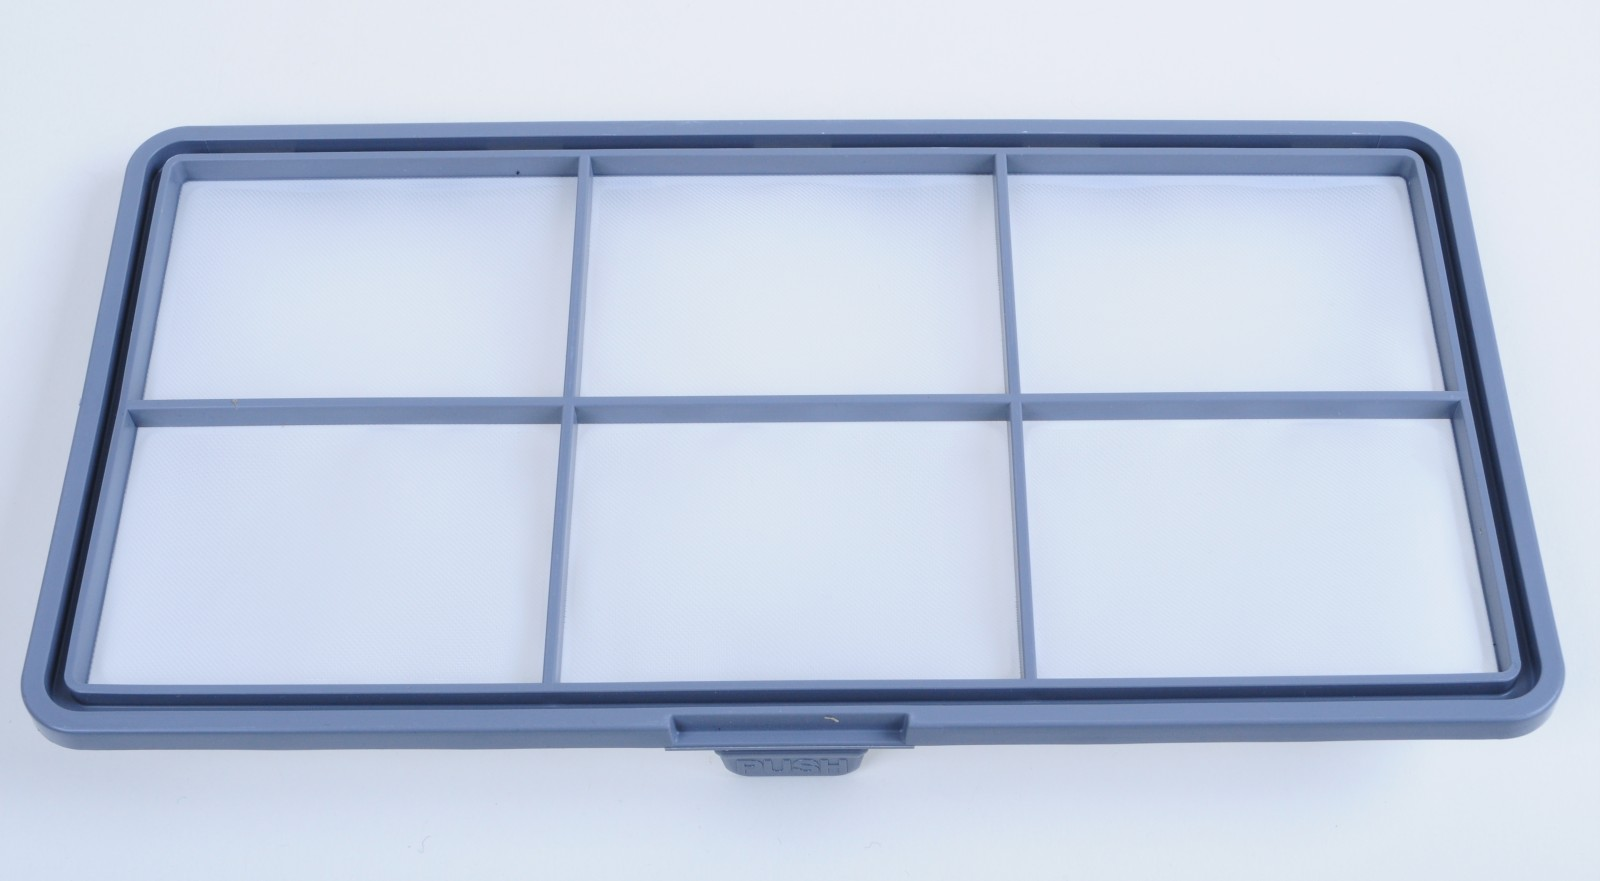 aeg electrolux flusenfilter flusensieb w schetrockner 1366344032. Black Bedroom Furniture Sets. Home Design Ideas